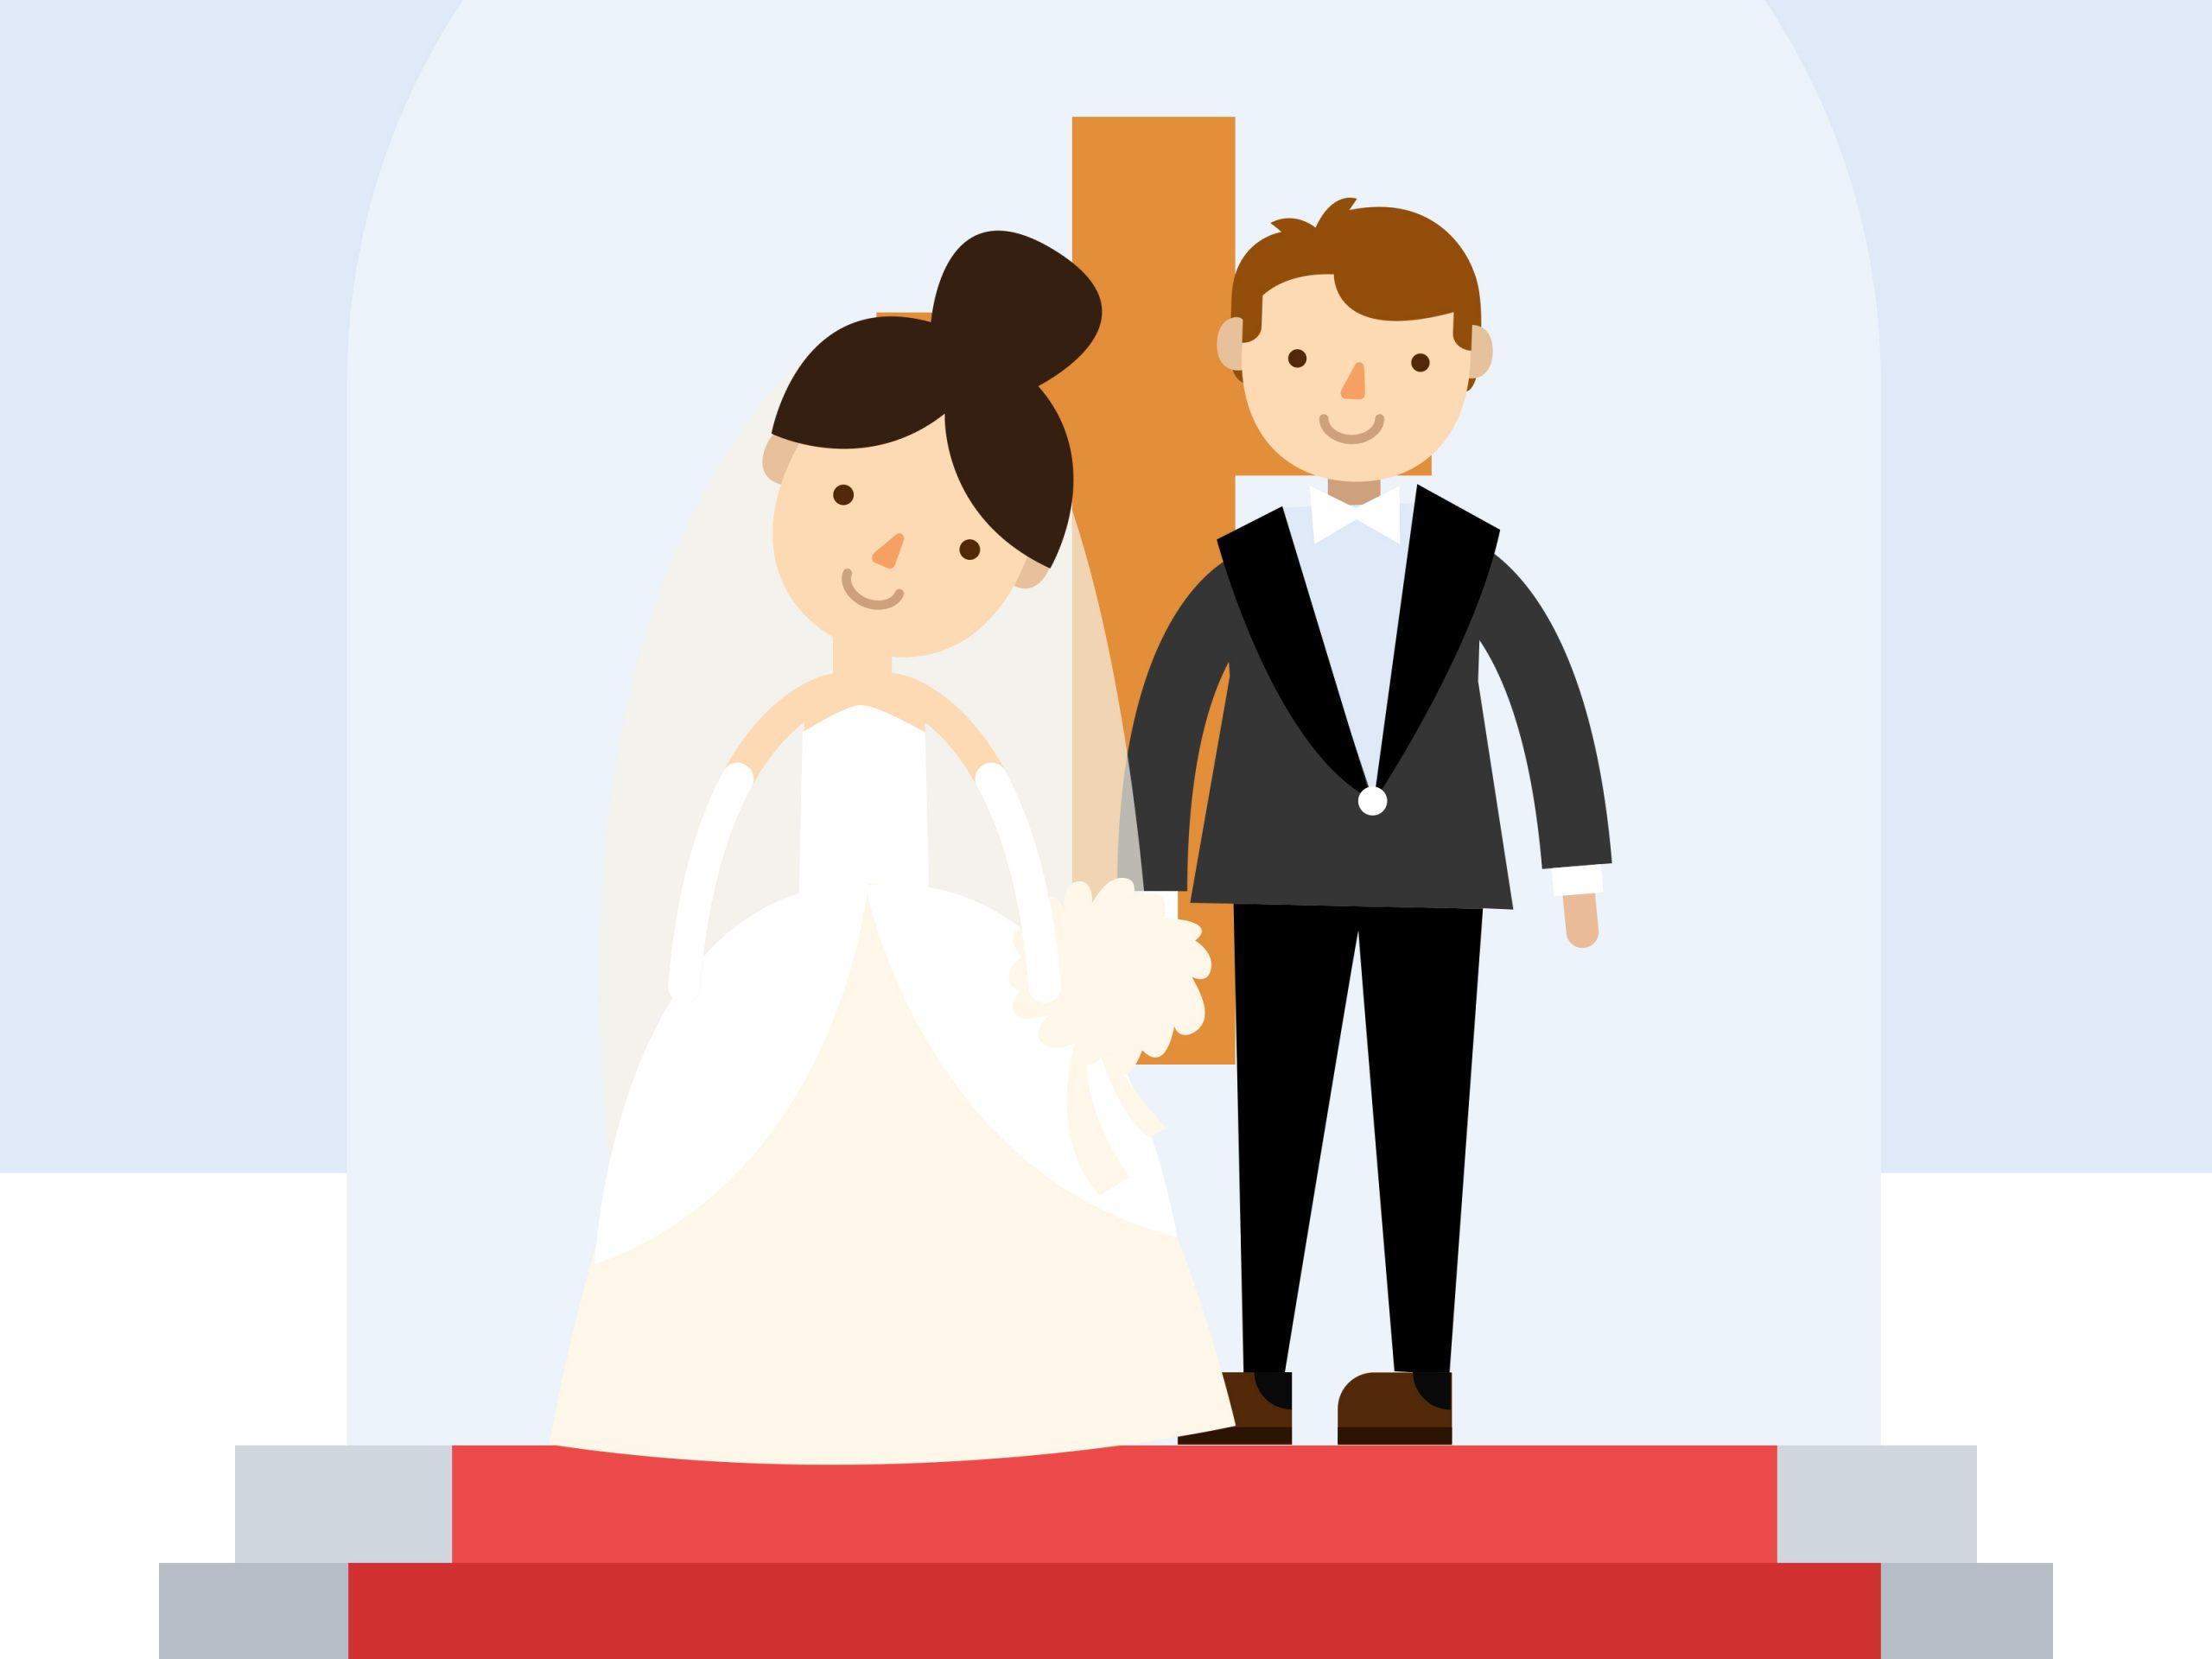 الاحوال المدنية نموذج اثبات زواج